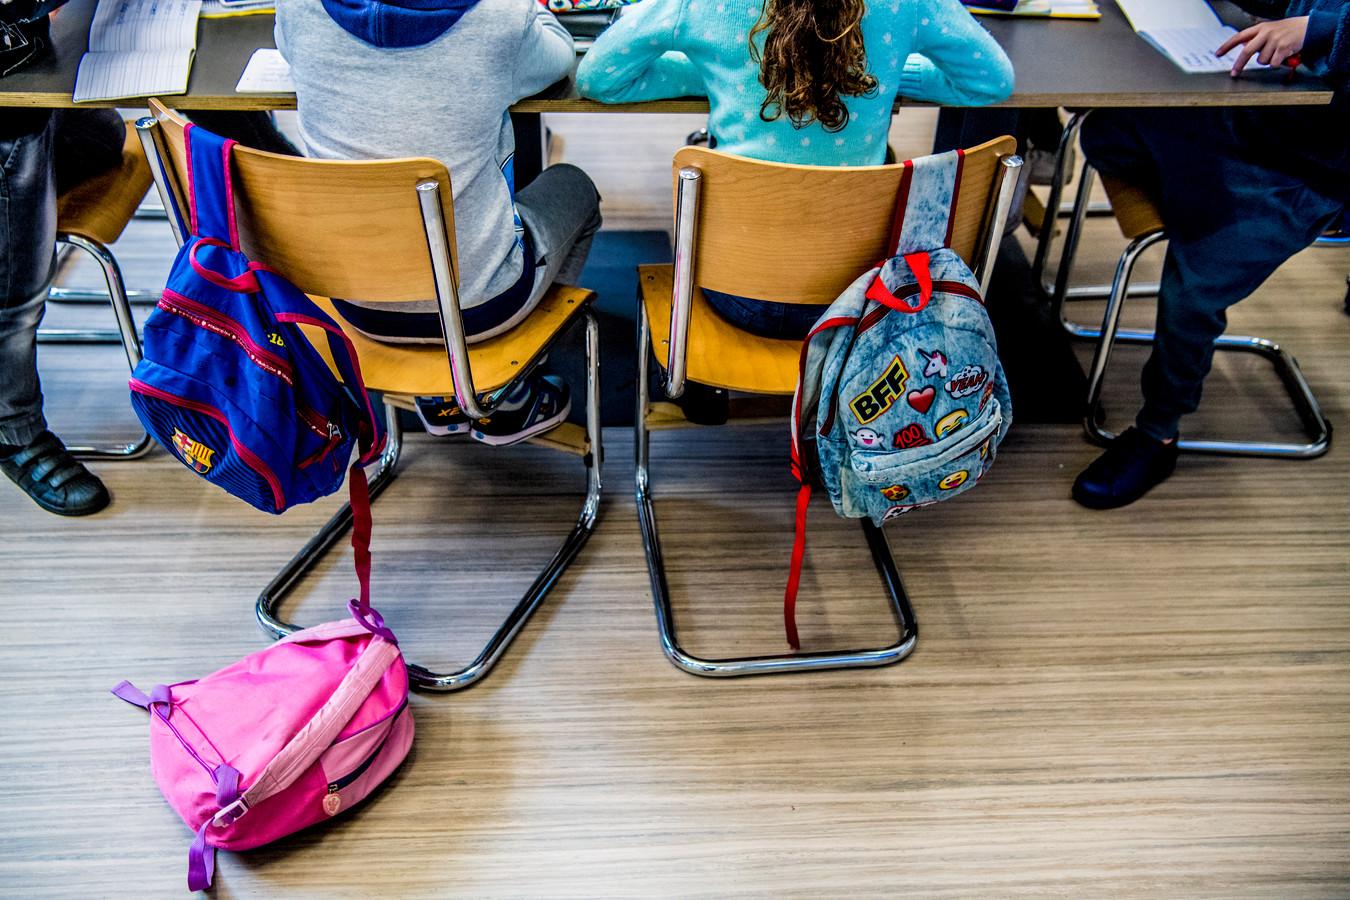 Veertig procent van de docenten in het basisonderwijs had een schaal hoger moeten zitten